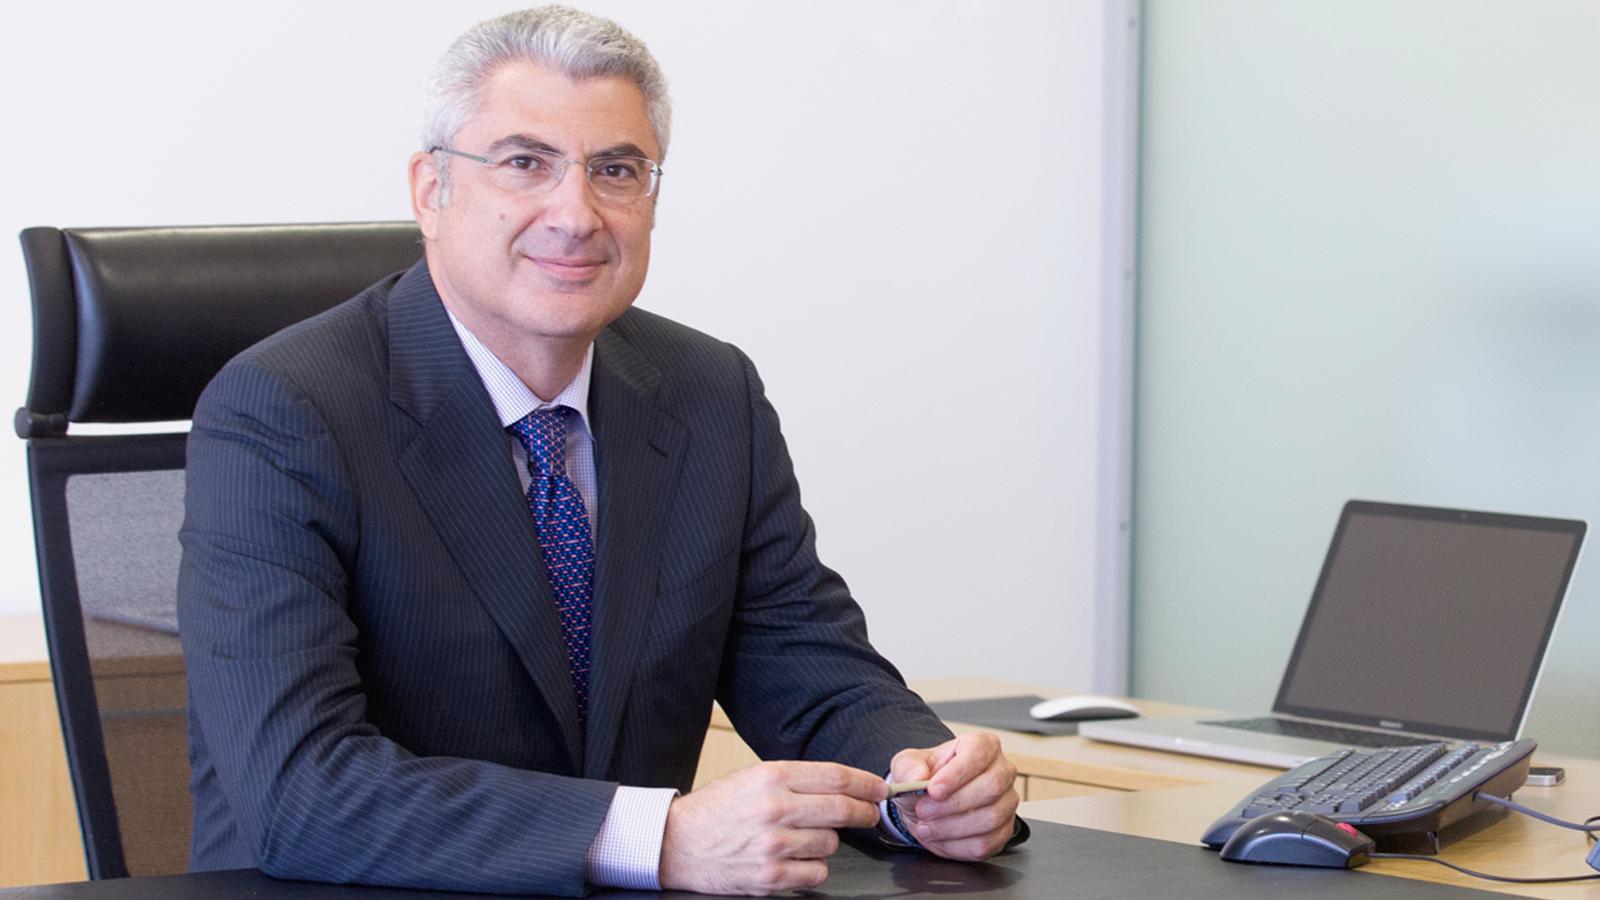 Νέο μέλος στο ΔΣ και αλλαγές στο Προεδρείο της ΕΑΕΕ